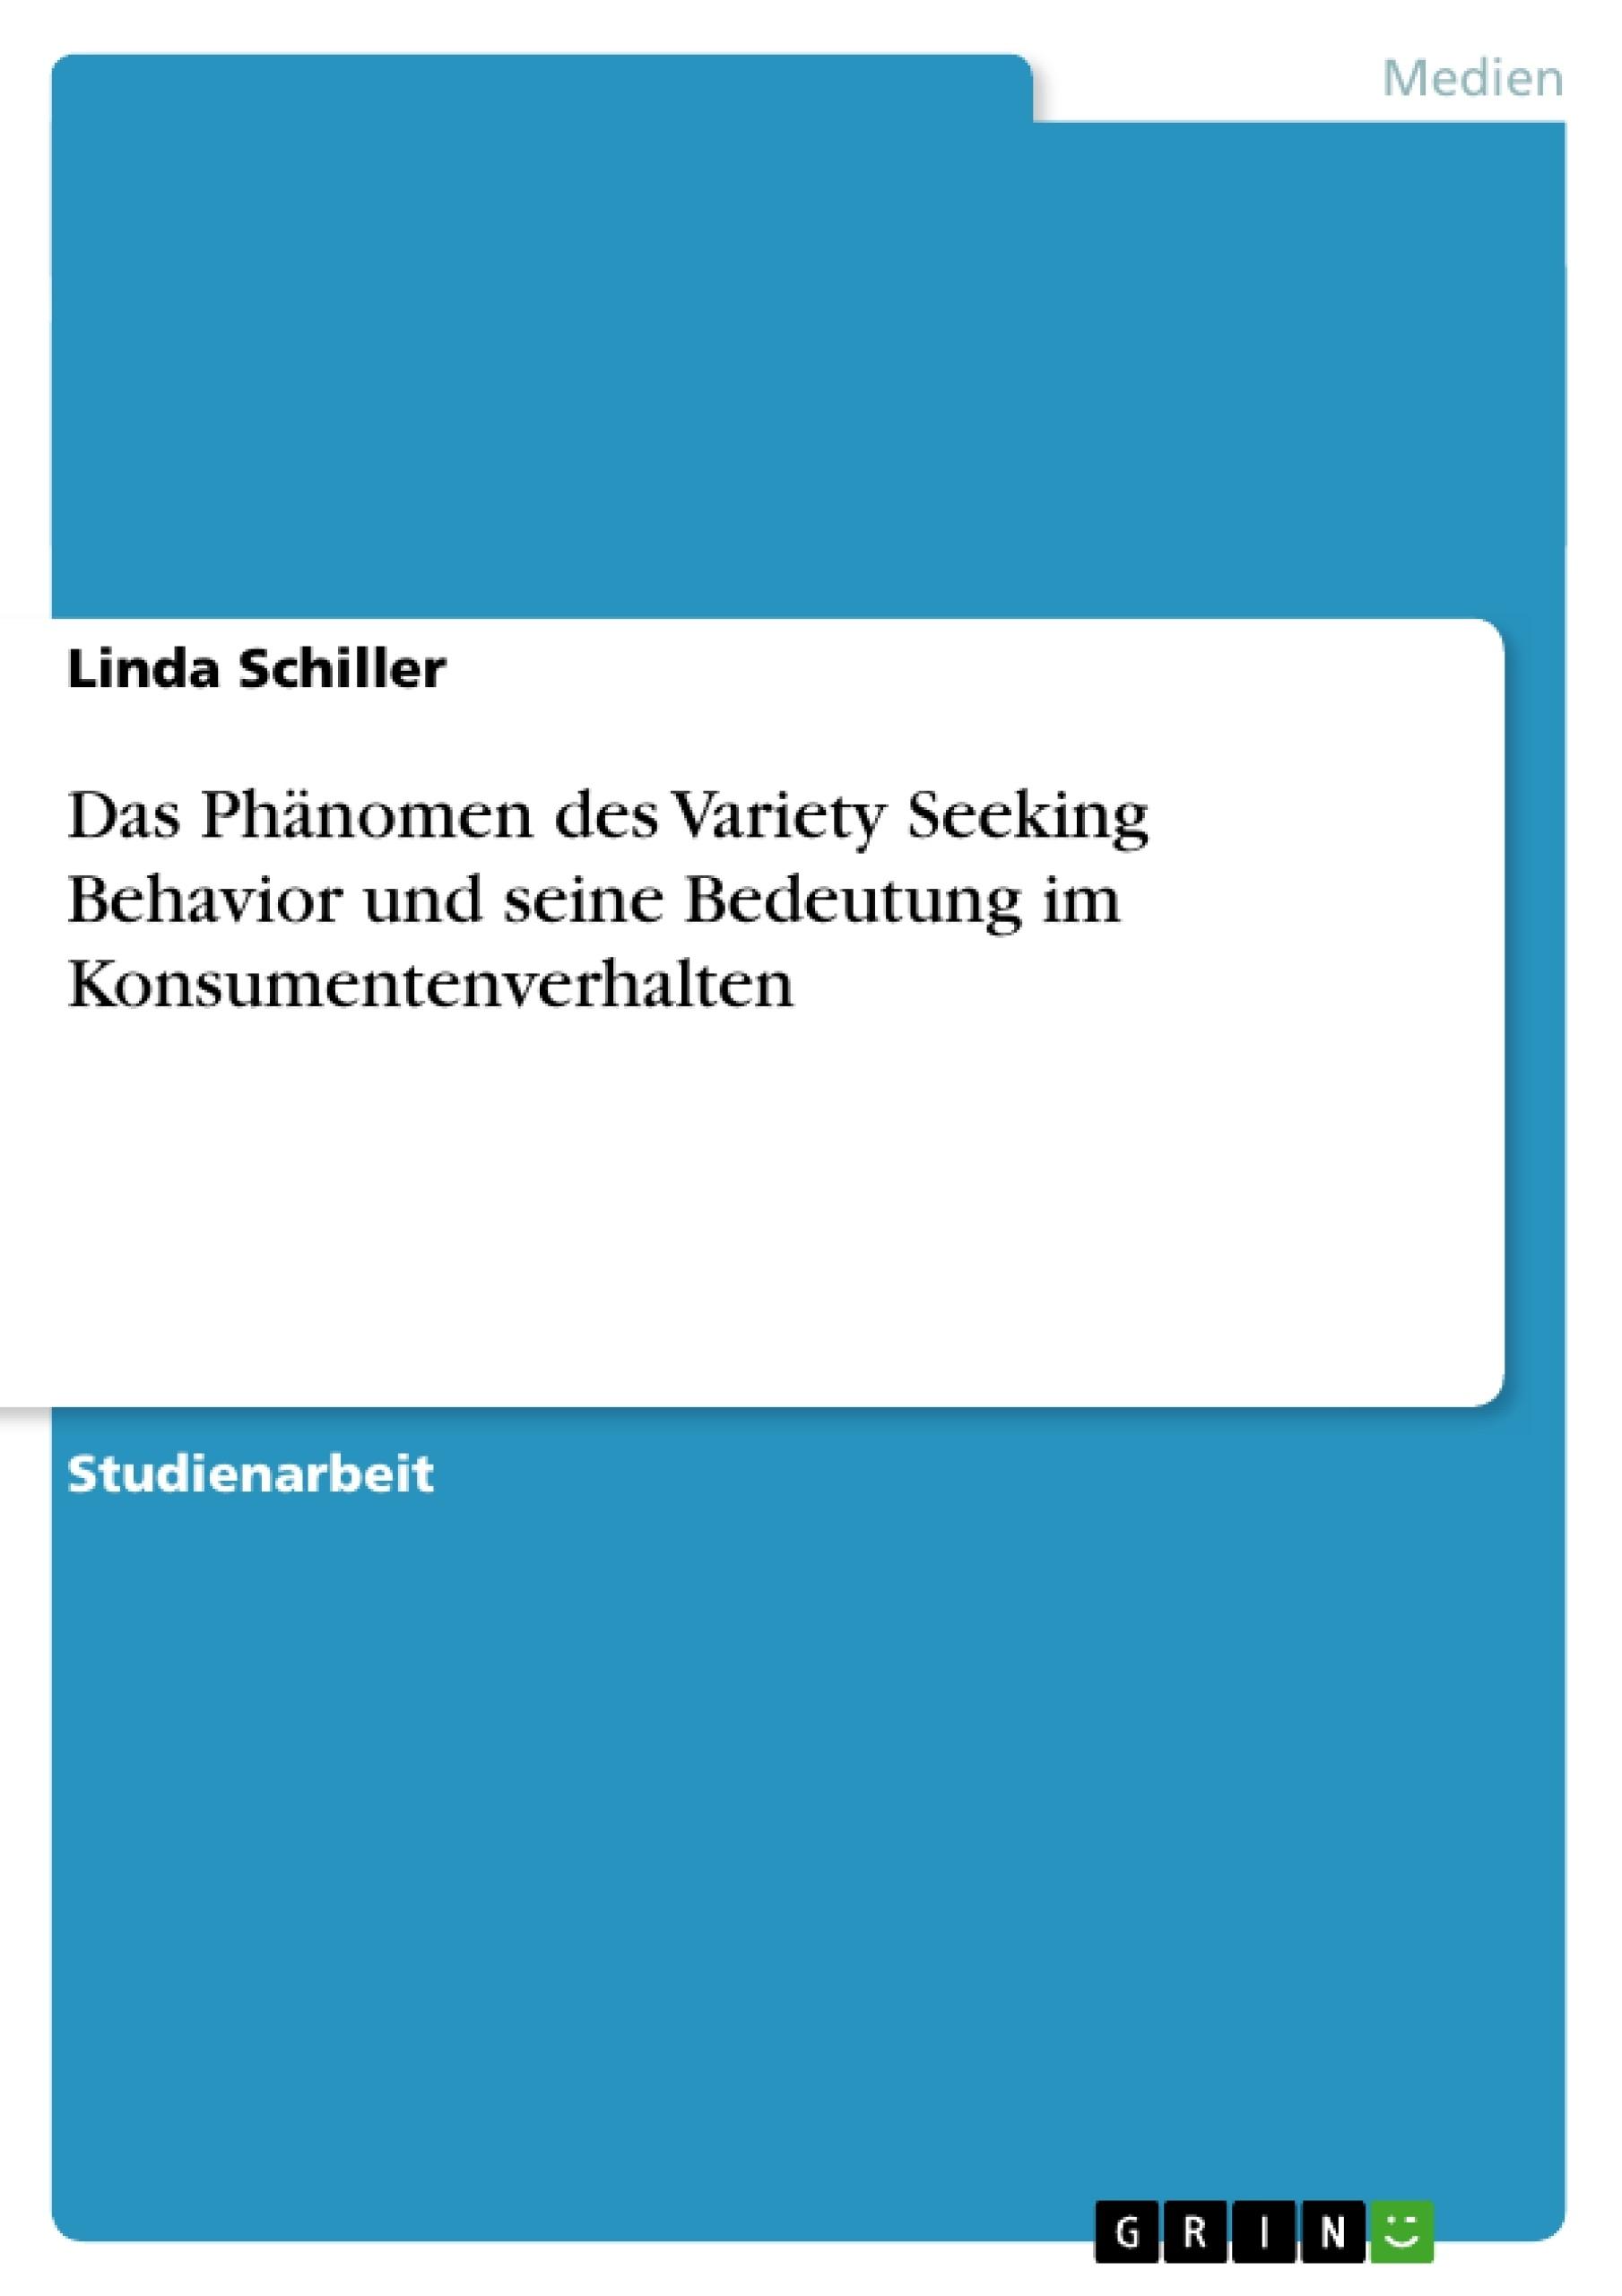 Titel: Das Phänomen des Variety Seeking Behavior und seine Bedeutung im Konsumentenverhalten